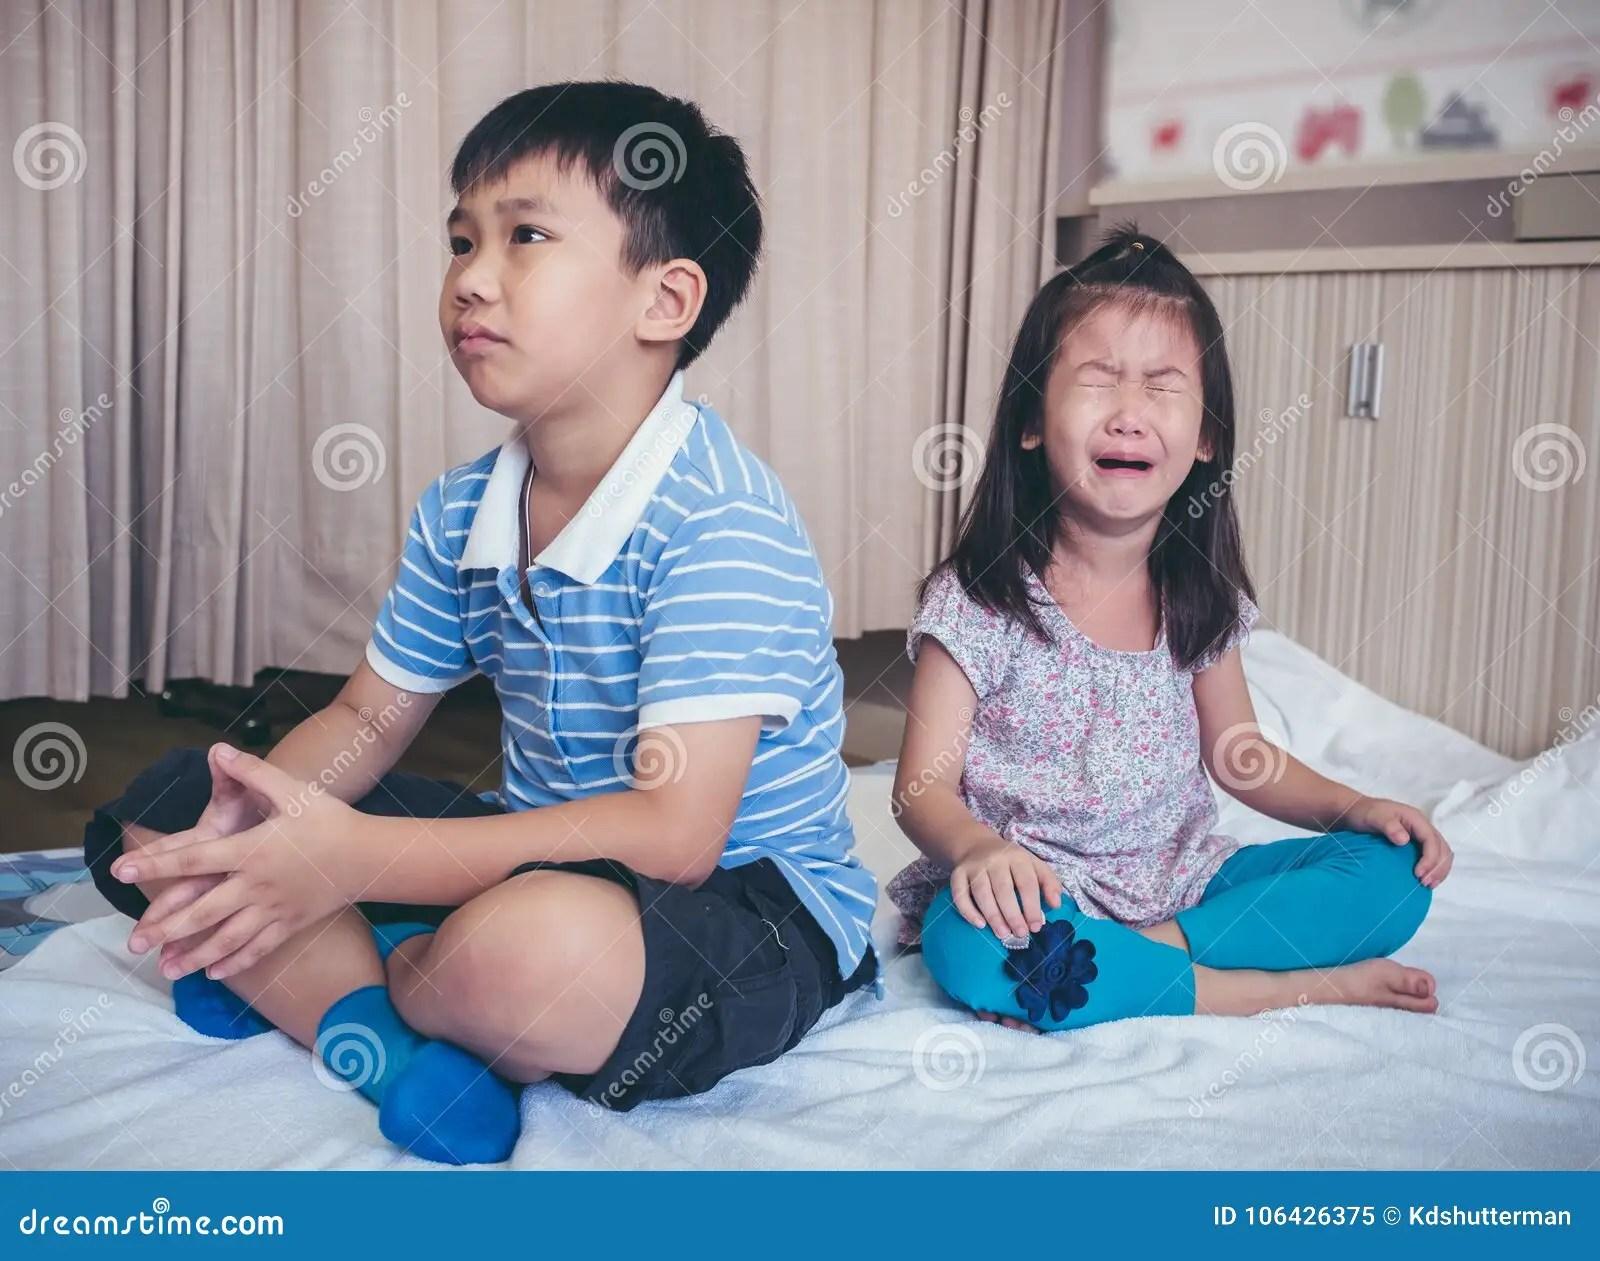 Het Ruzie Maken Conflict Van Kinderen